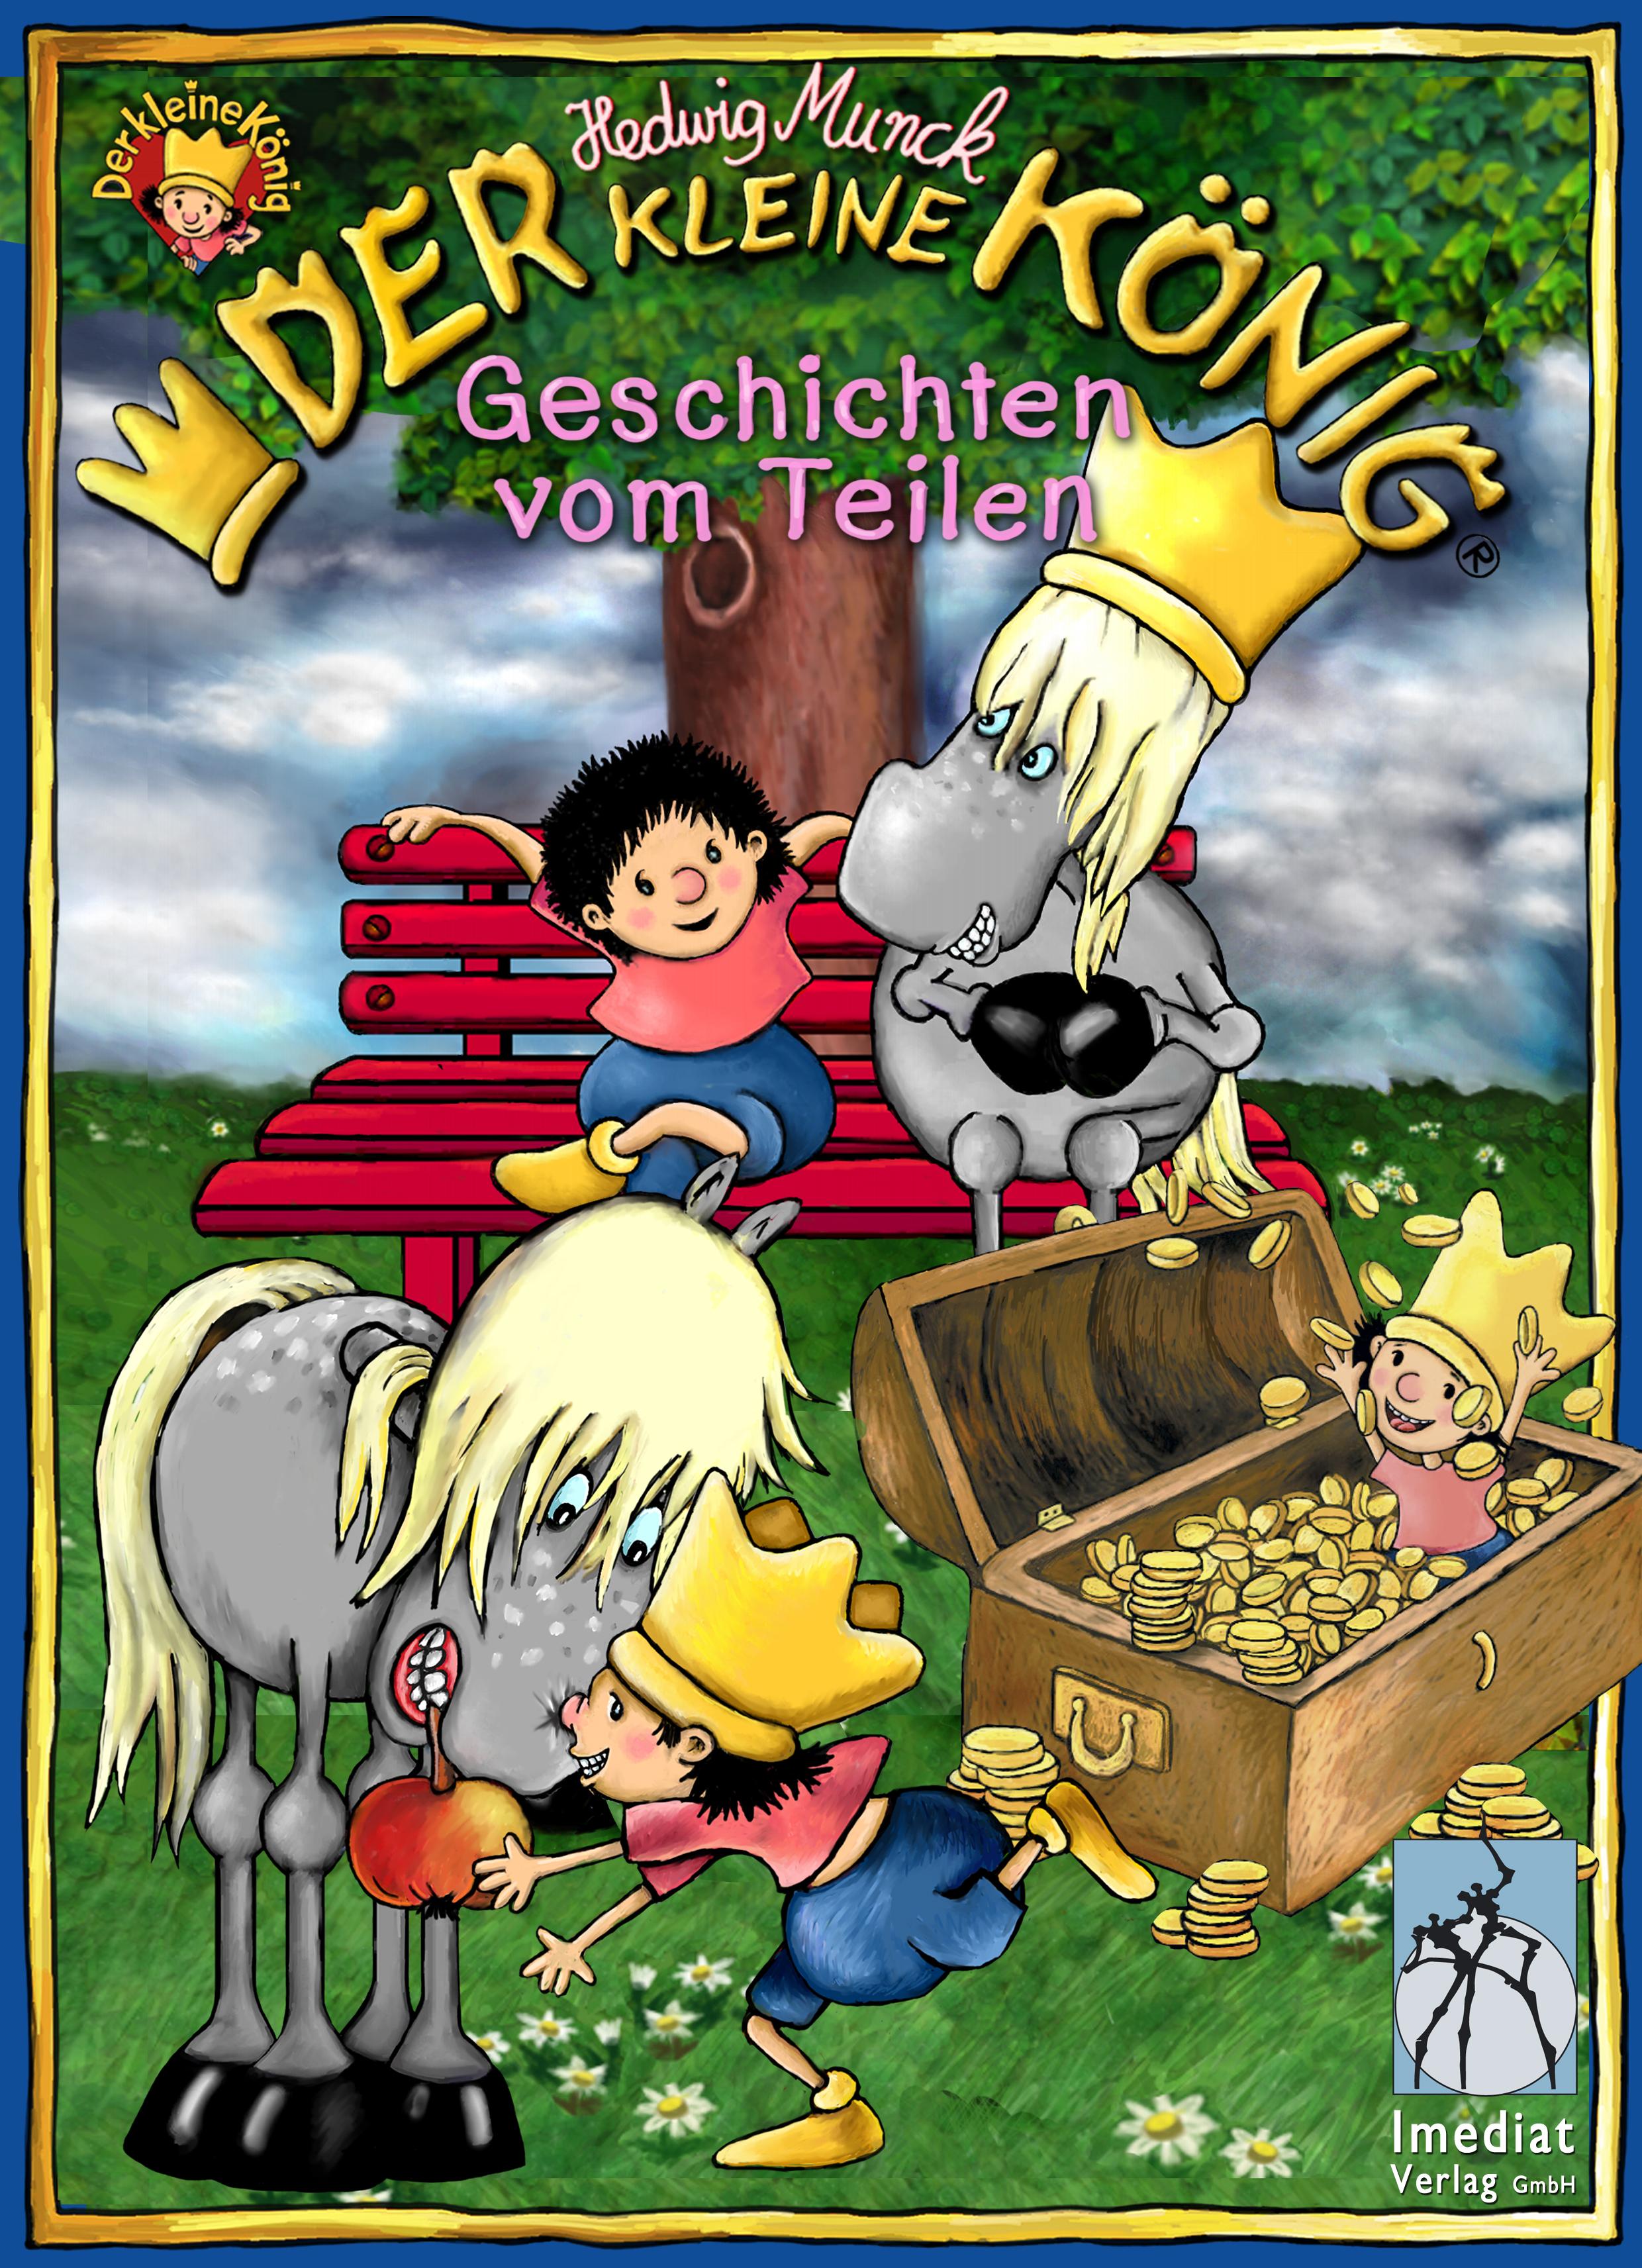 Hedwig Munck Der kleine König, Geschichten vom Teilen munck hedwig der kleine konig und der verlorene zahn page 3 page 5 page 10 page 7